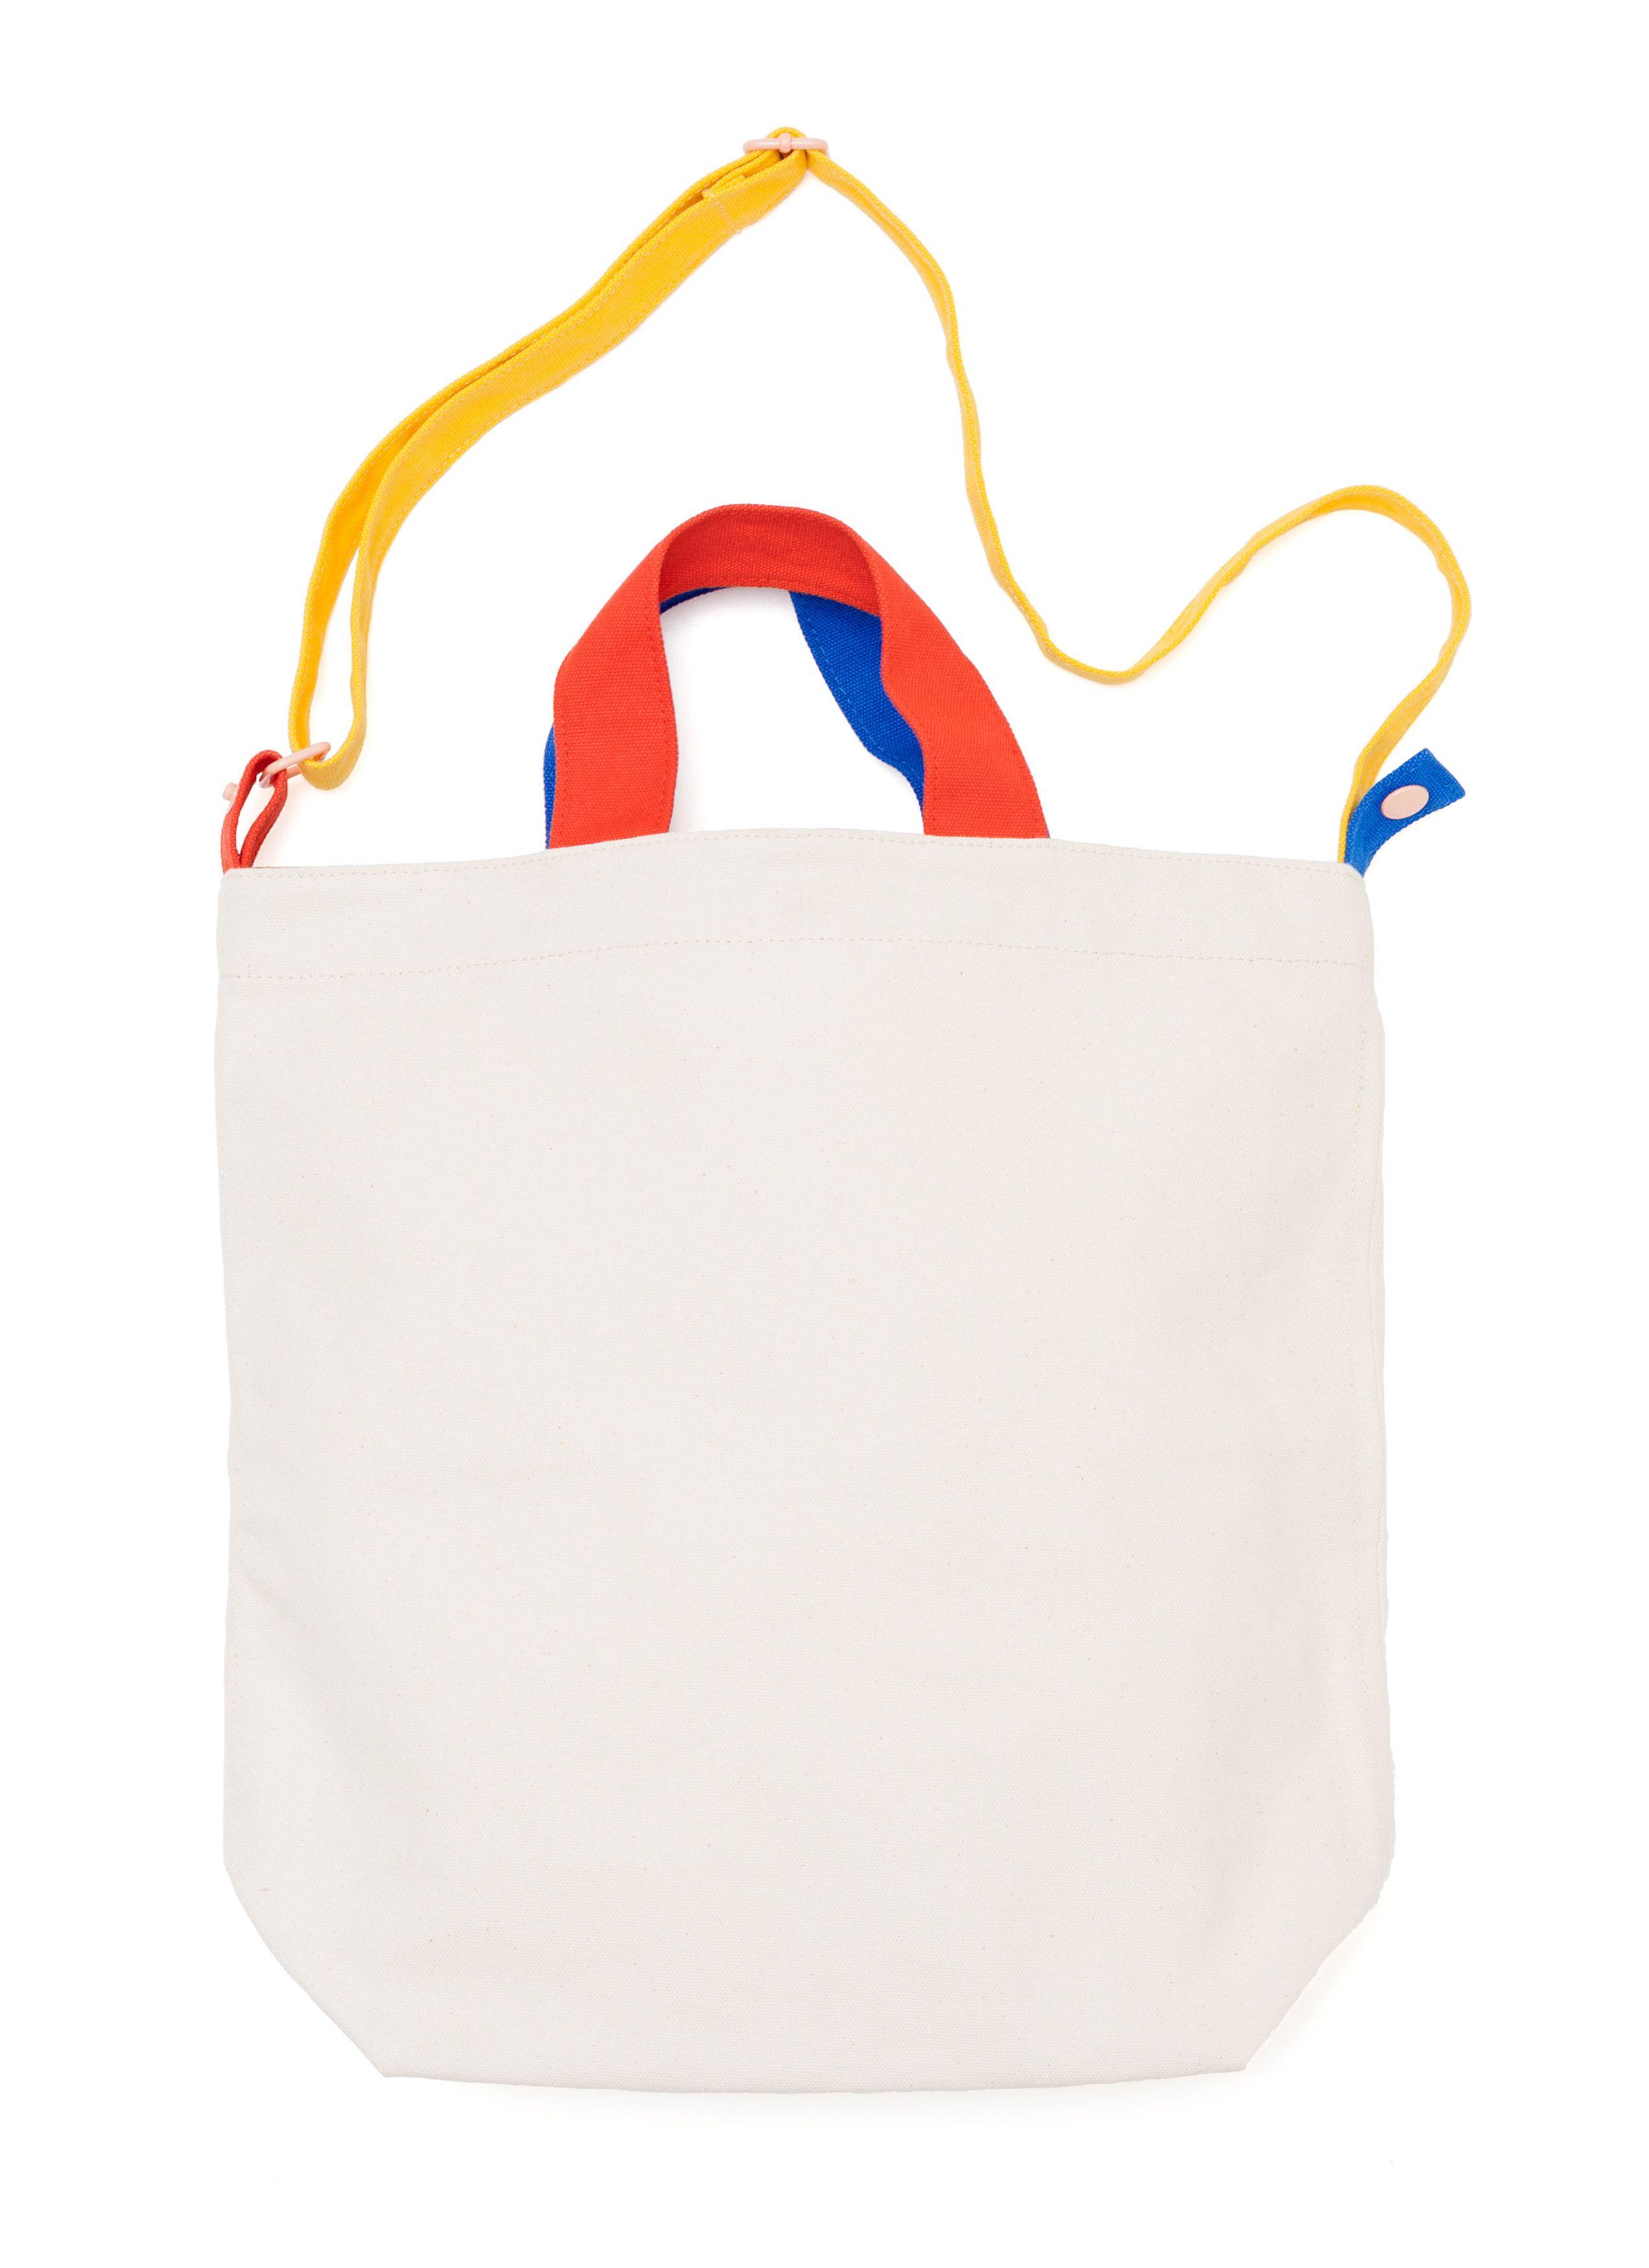 8c63e4be8a57 ALL Knitwear + BAGGU Canvas Color Block Duck Bag www.BAGGU.com